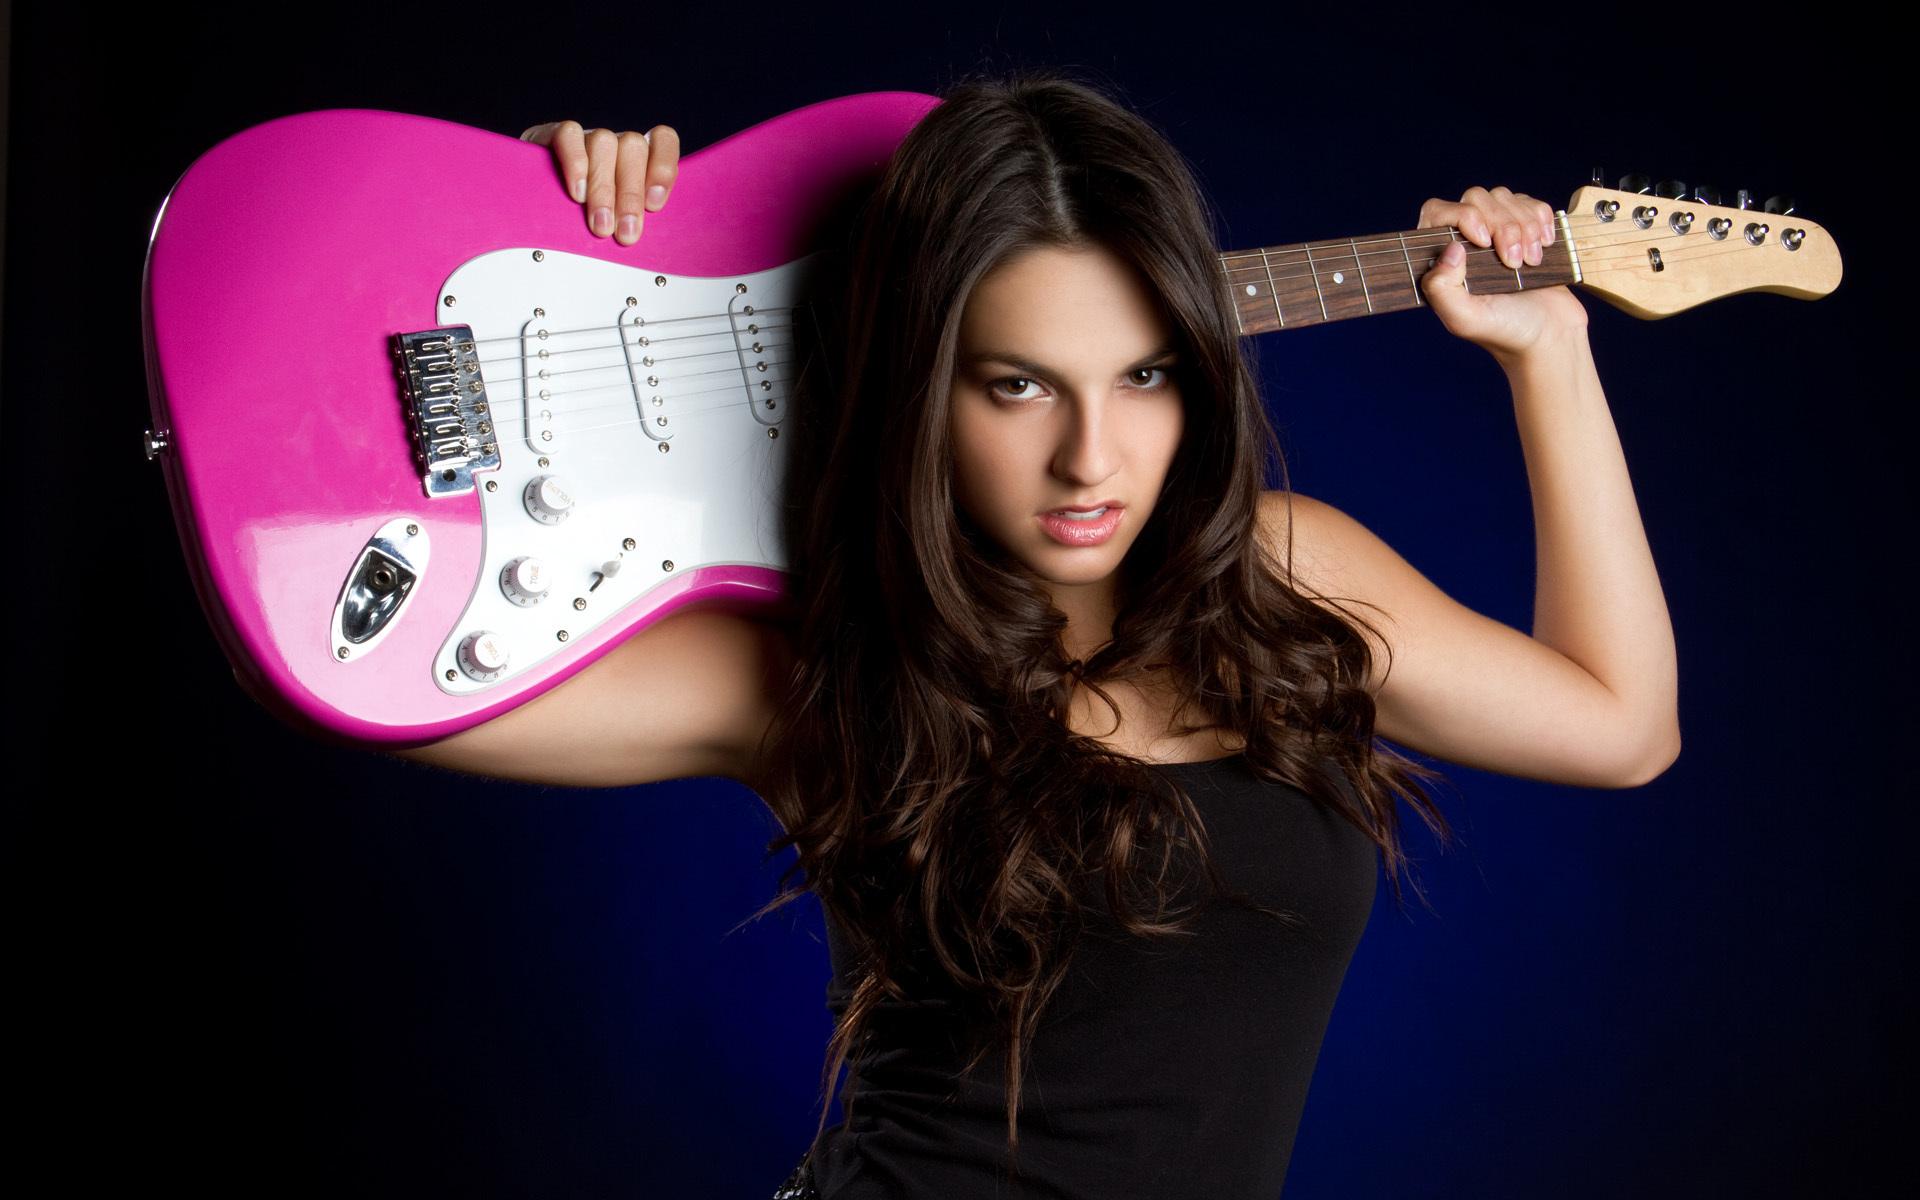 Sexy women musicians